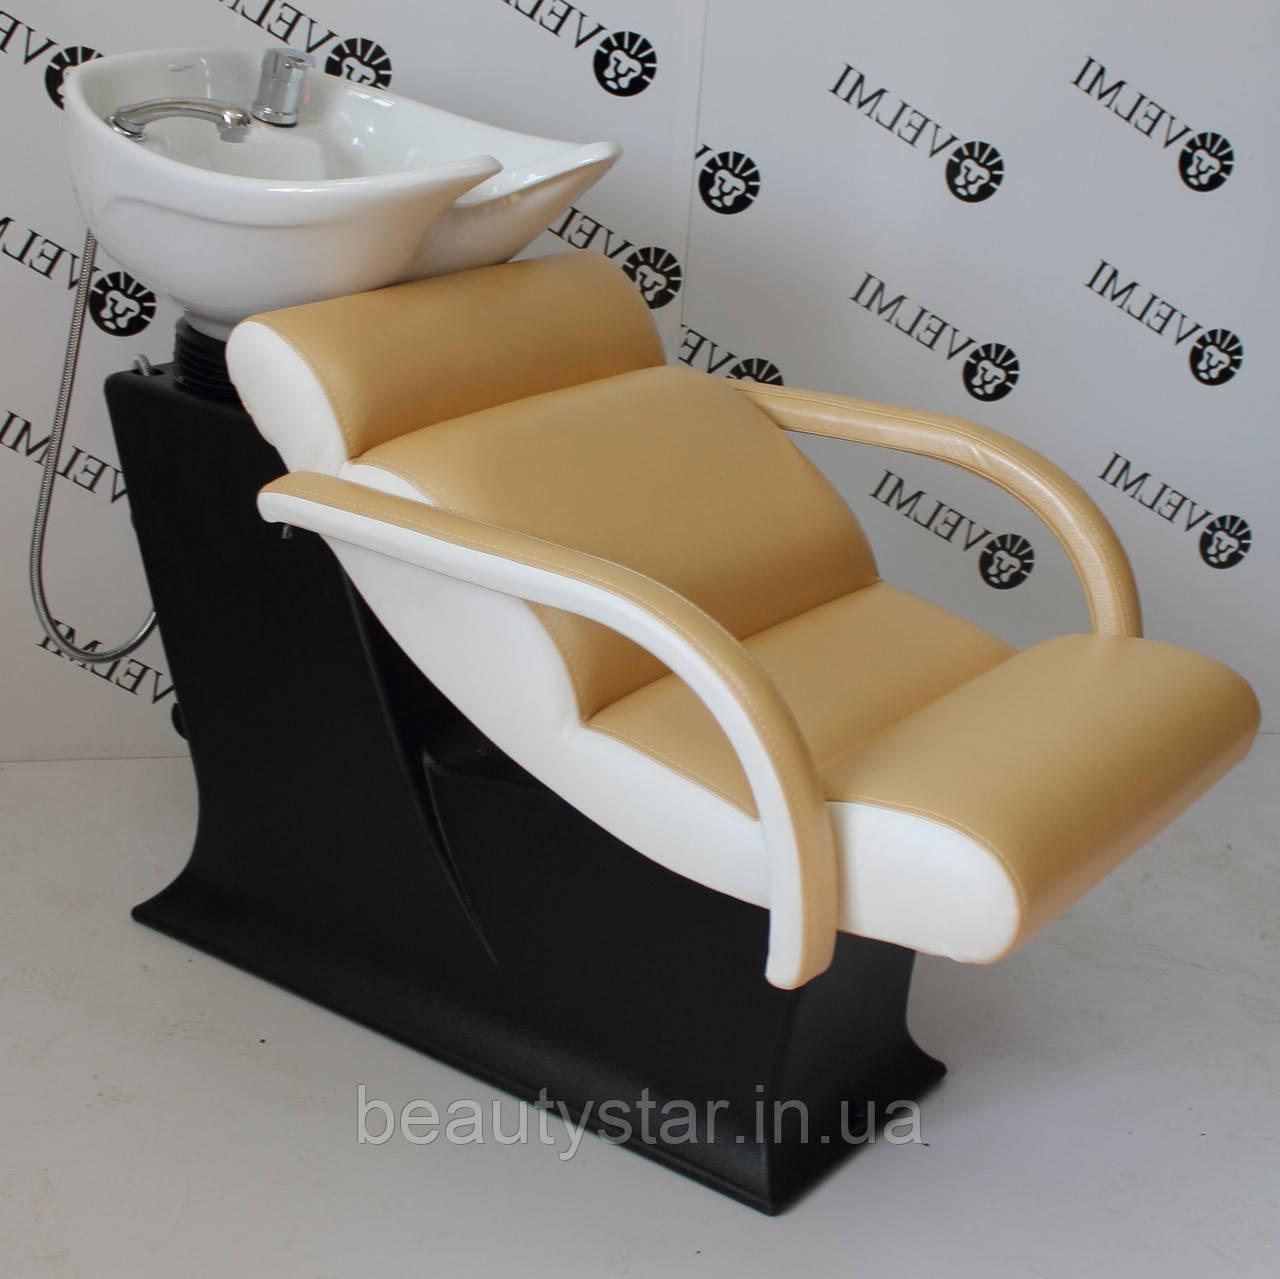 Перукарська мийка Lady One для салону краси